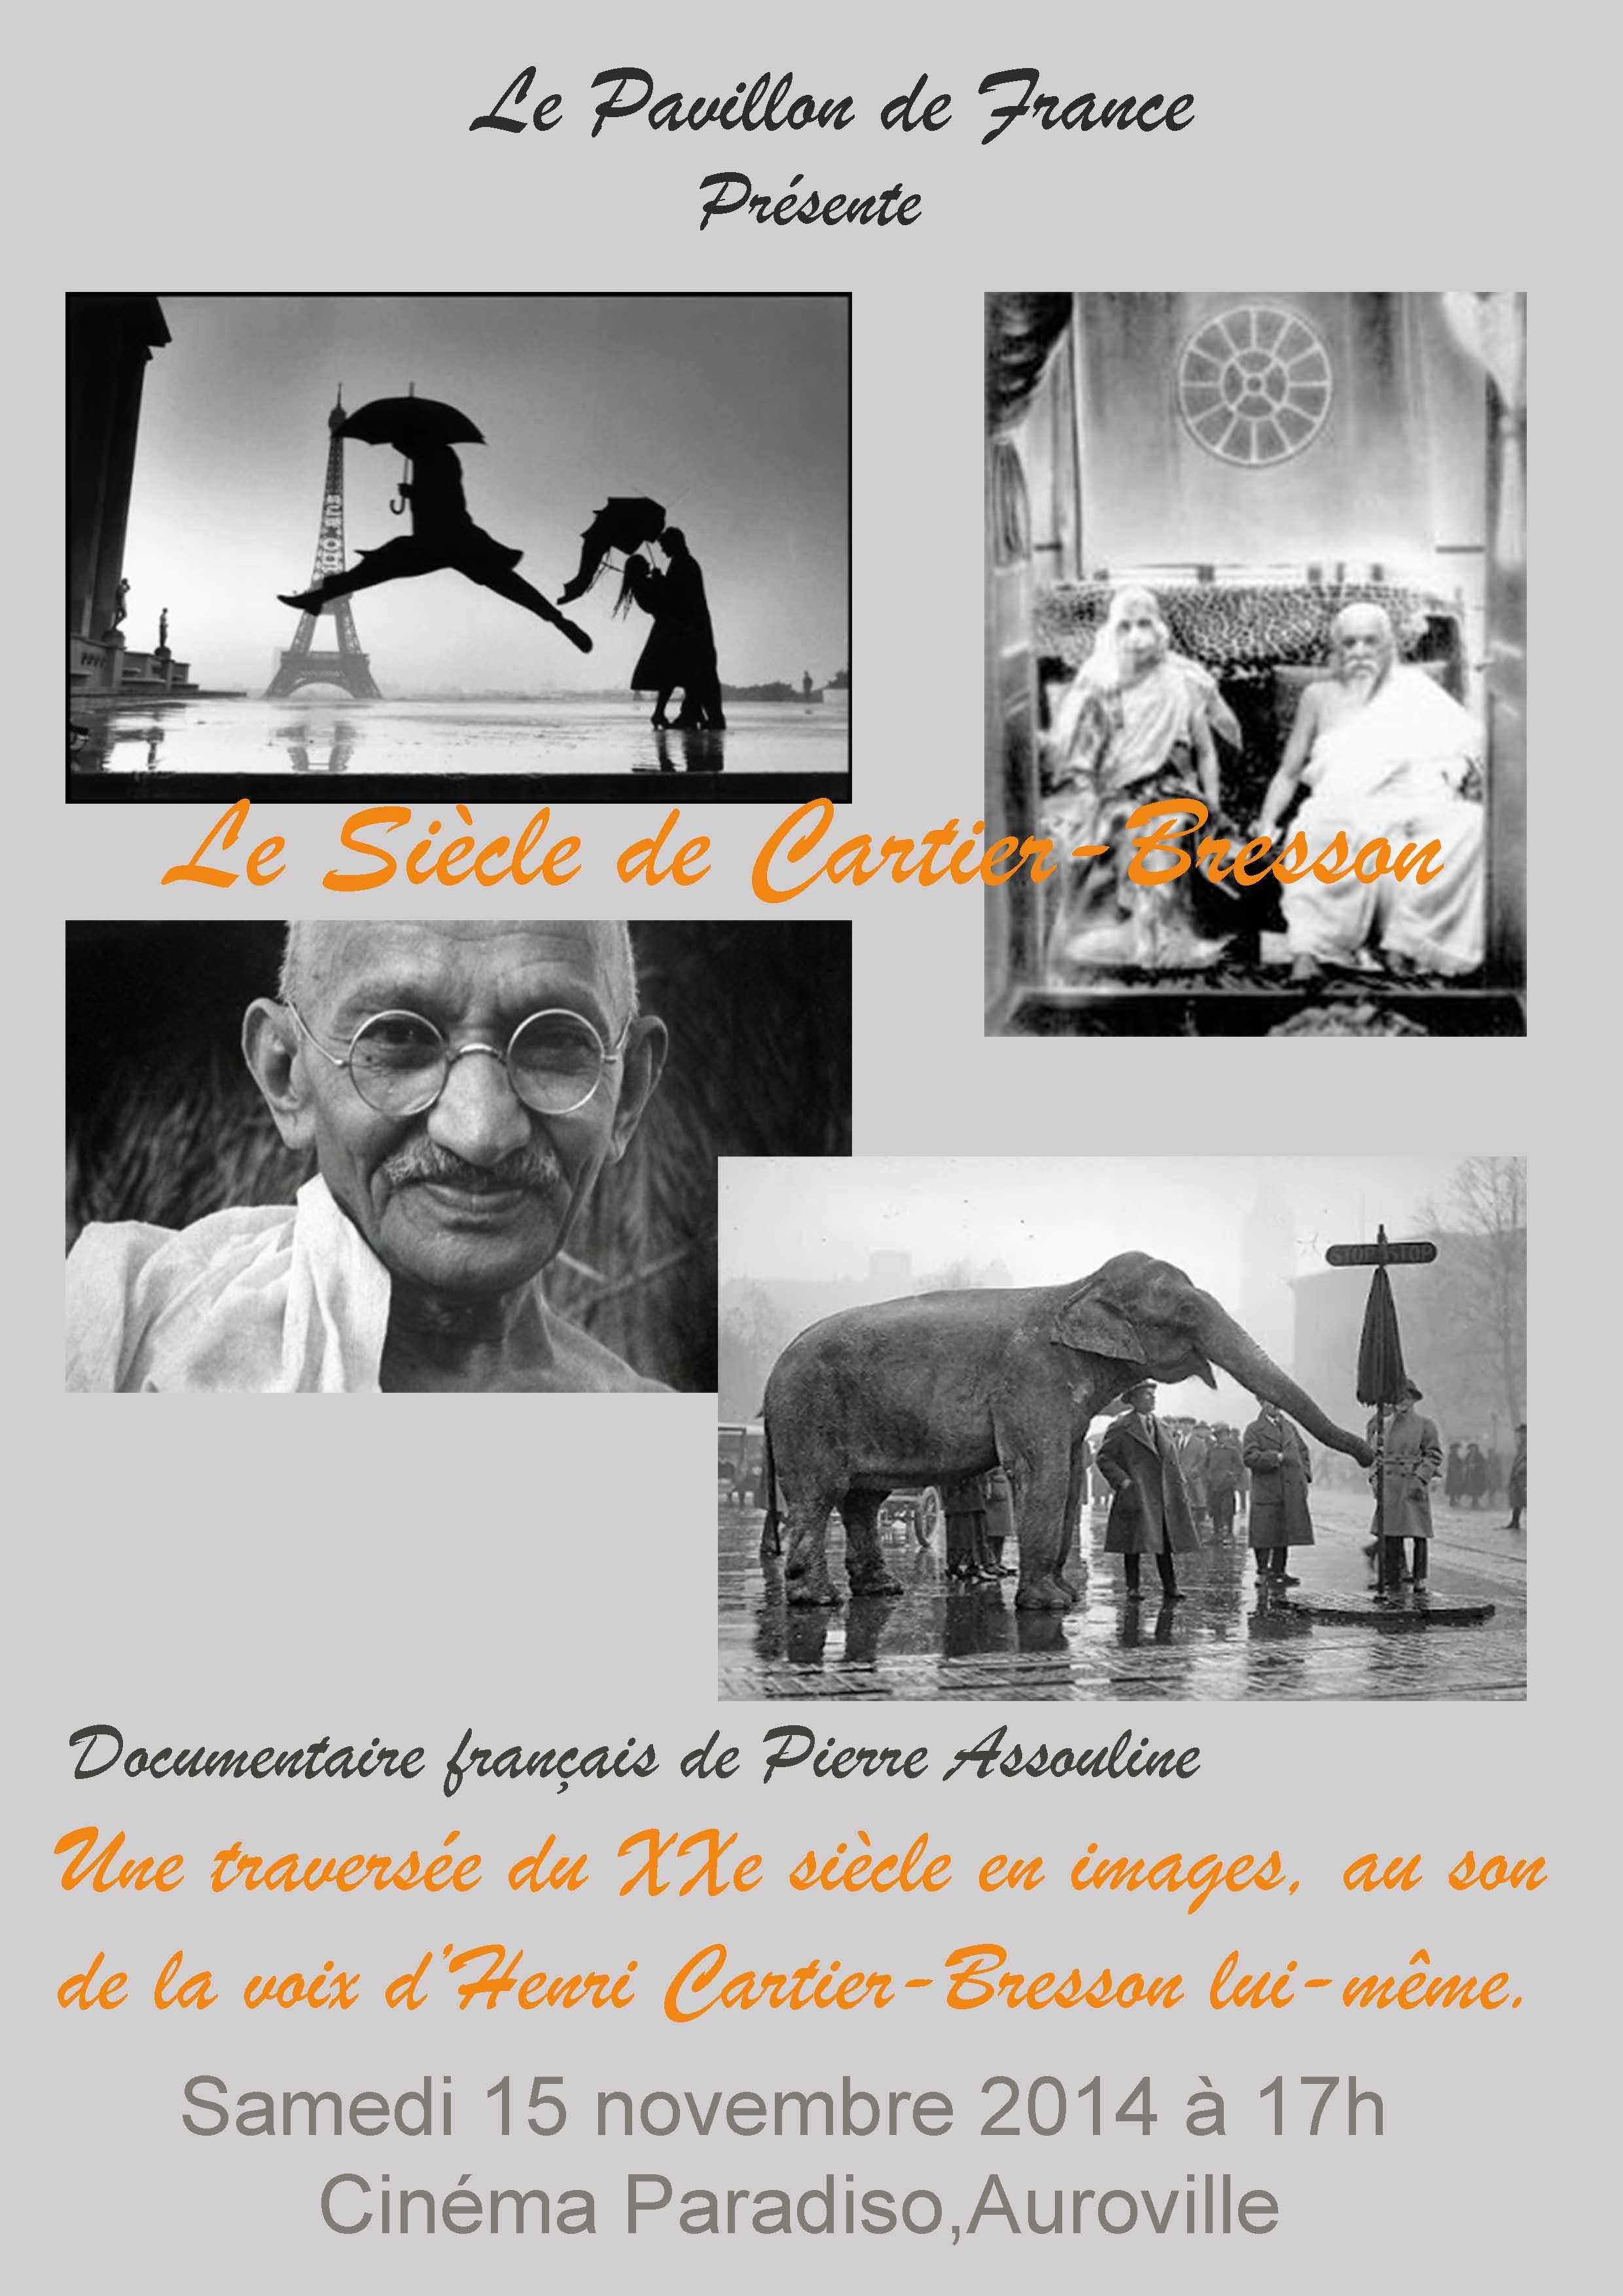 Le siècle Cartier Bresson